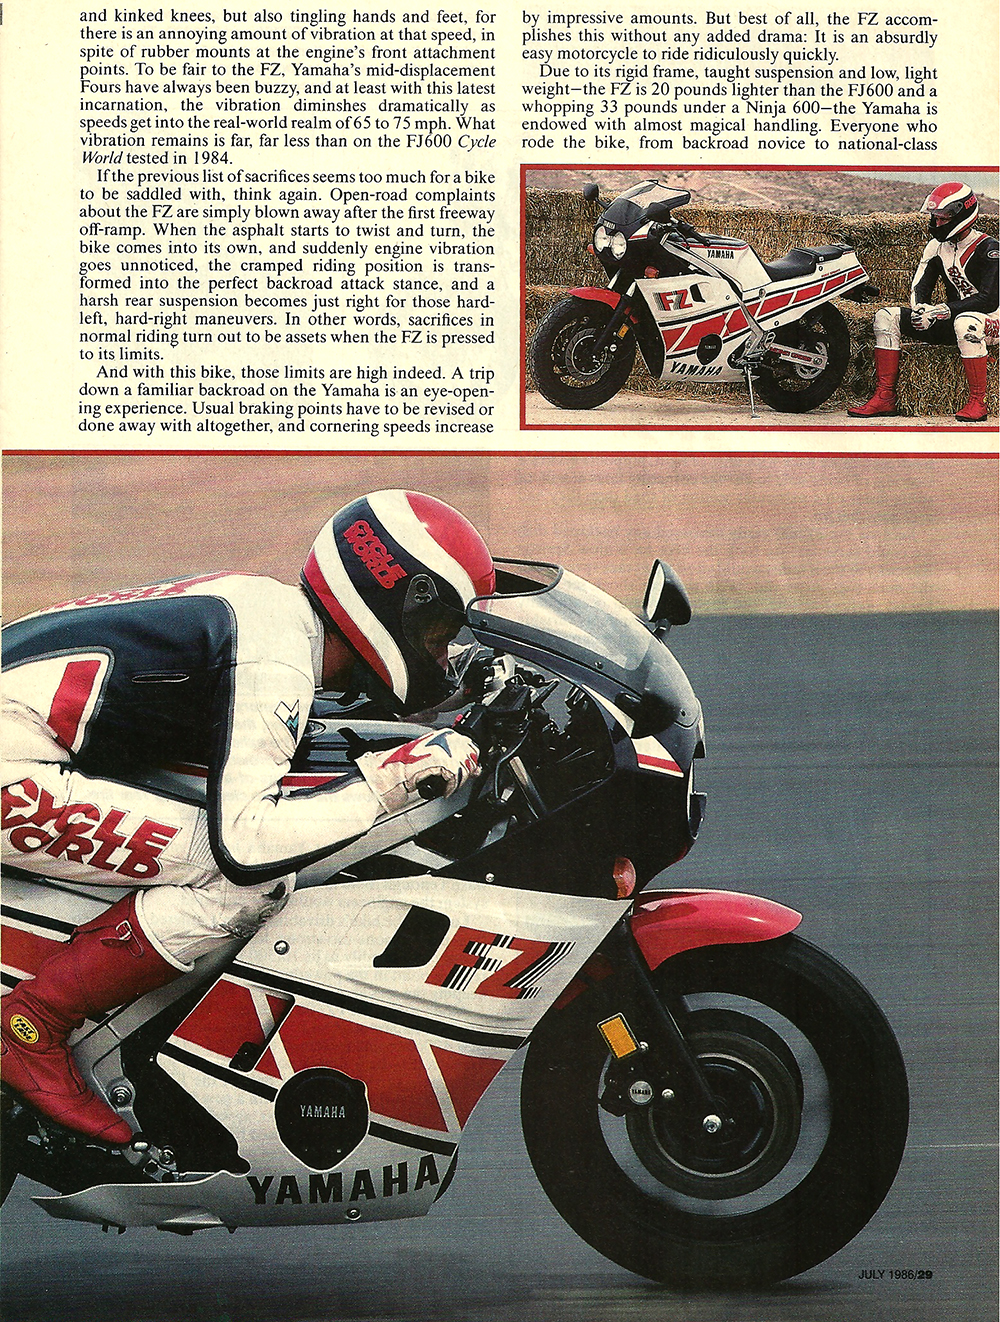 1986 Yamaha FZ600 road test 04.jpg